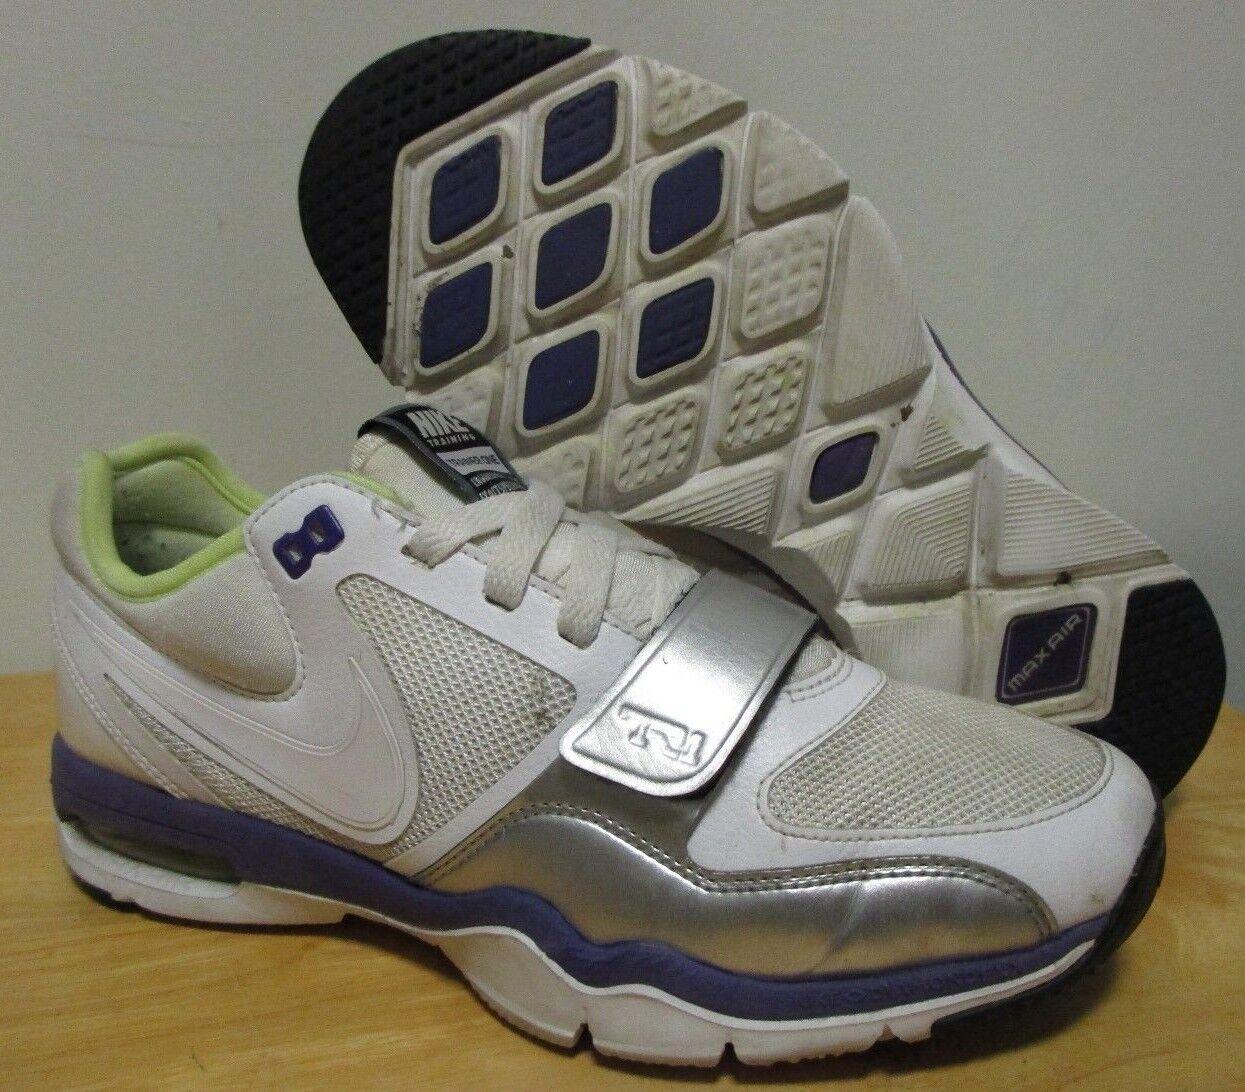 - nike air max allenatore 1 tr1 azioni di formazione scarpe sz 7,5 bianco viola verde | Lussureggiante In Design  | Uomo/Donne Scarpa